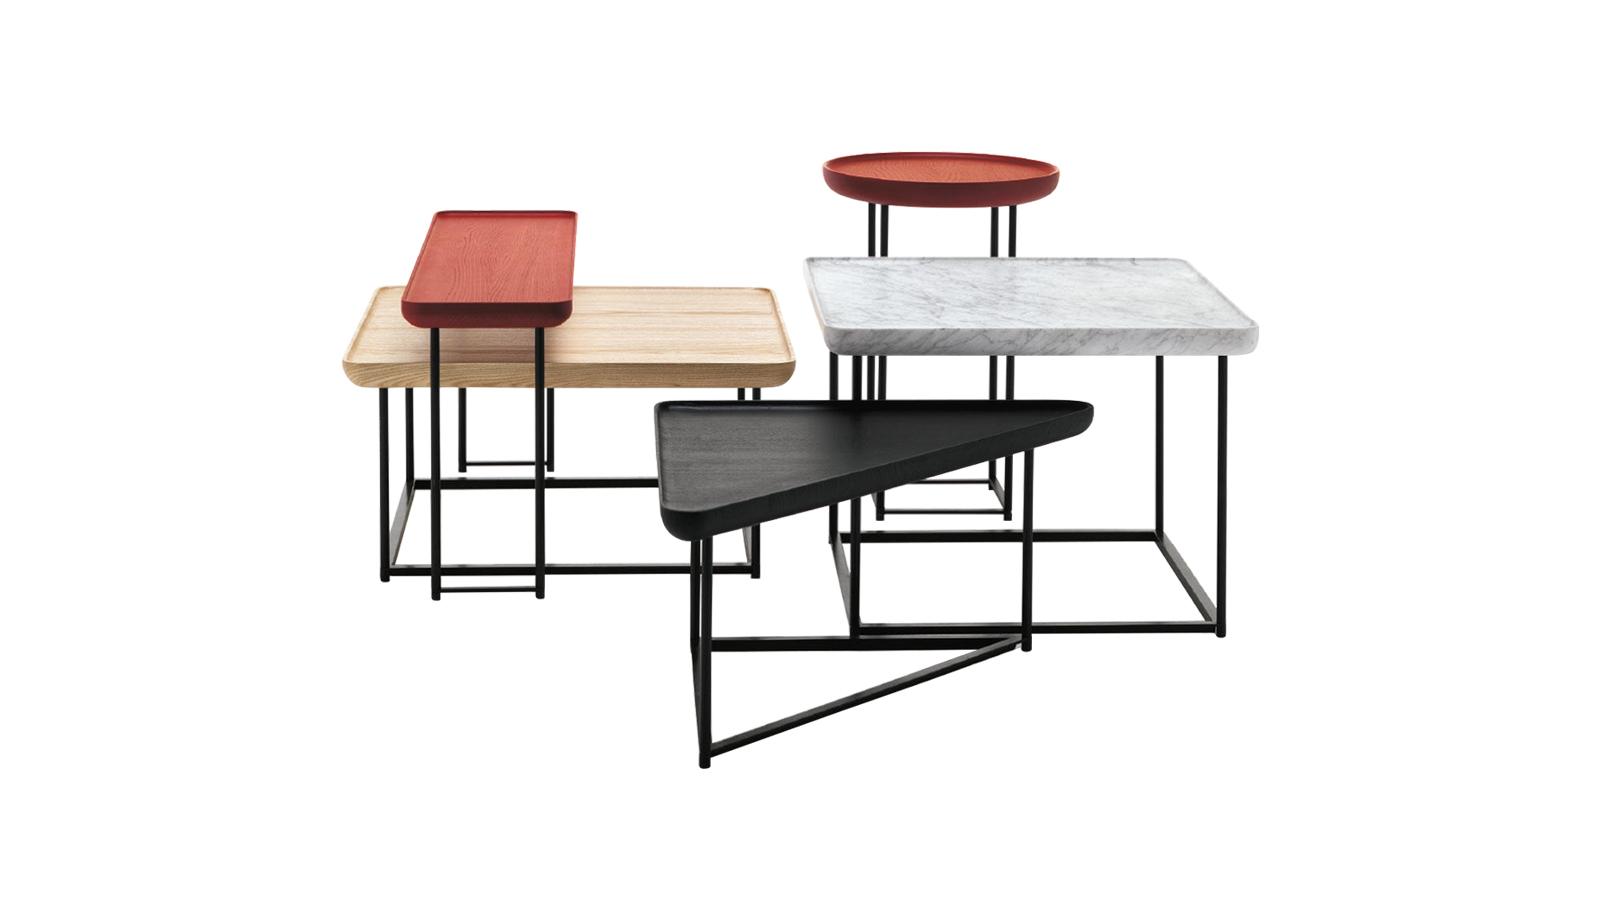 Ha Torei, akkor elegancia és sokszínűség. A japán esztétikát követve letisztultság és funkcionalitás jellemzi az asztalcsaládot, melyekből több verzió és méret is elérhető. Az egymás alá és fölé csúsztatható asztalok barátságos, szimpla kialakításukkal vendégszerető atmoszférát teremtenek.